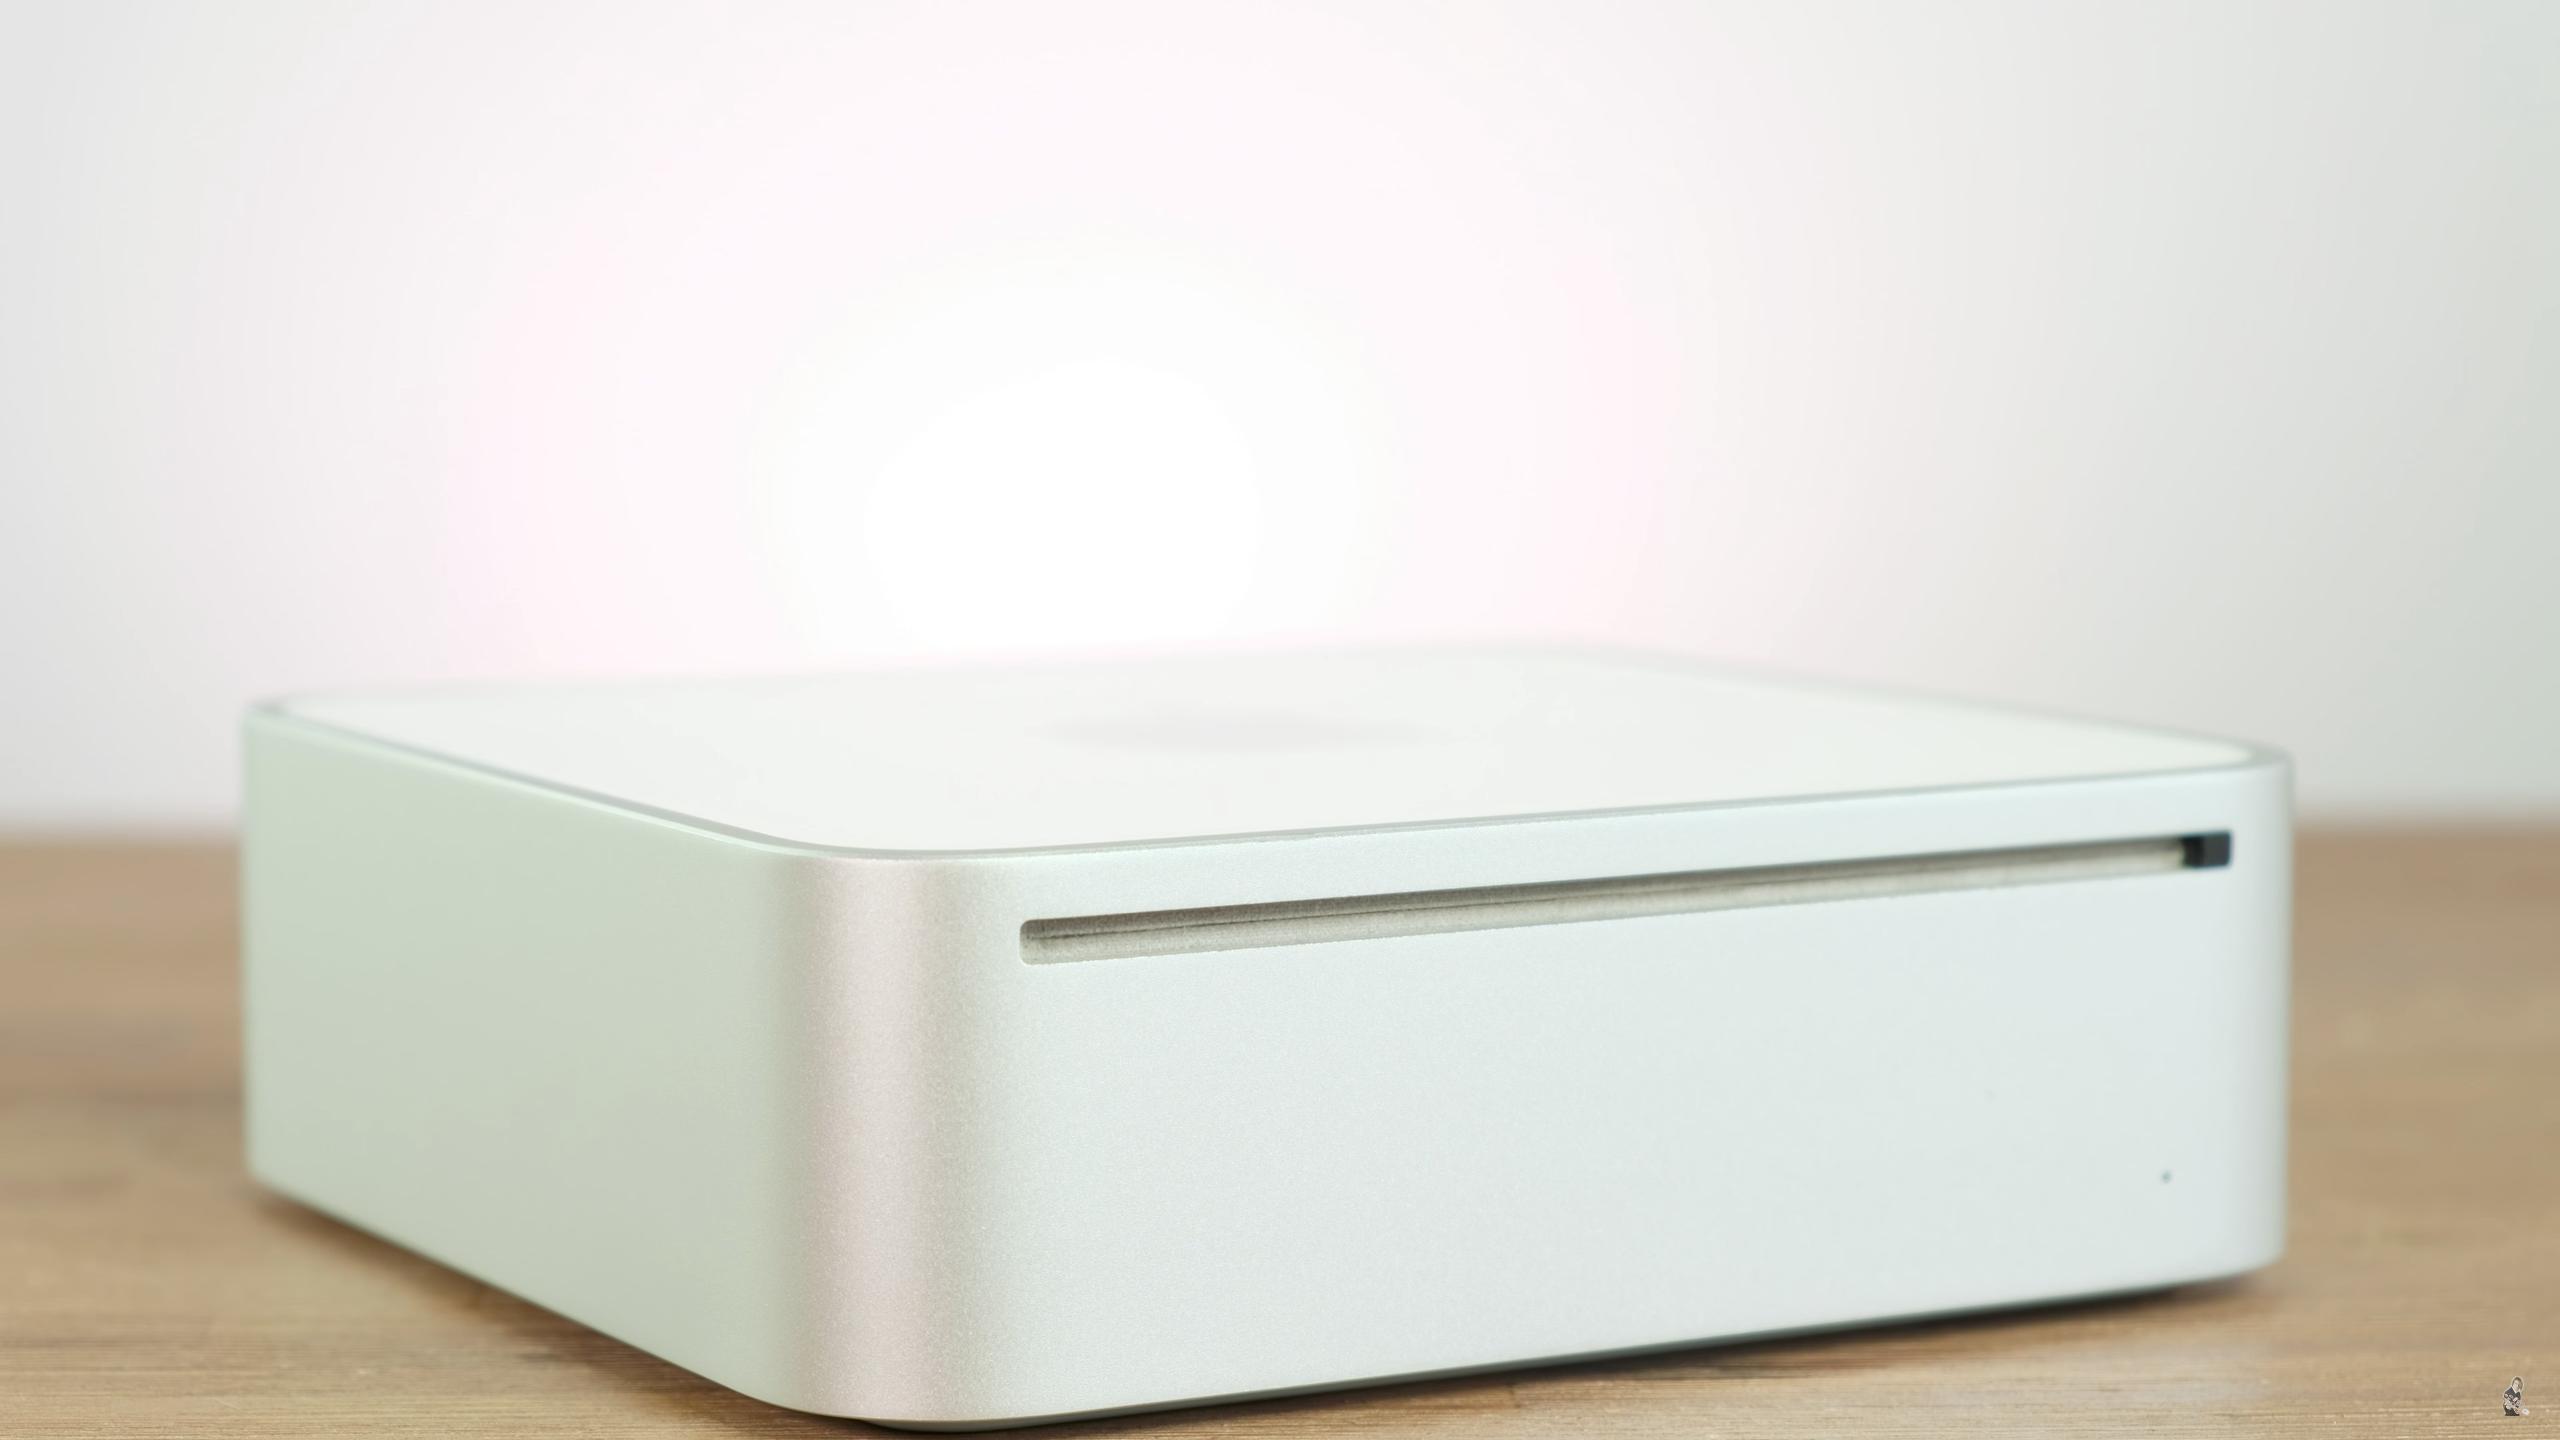 Second-Hand-Test: Was kann ein Mac mini für 34 Euro?